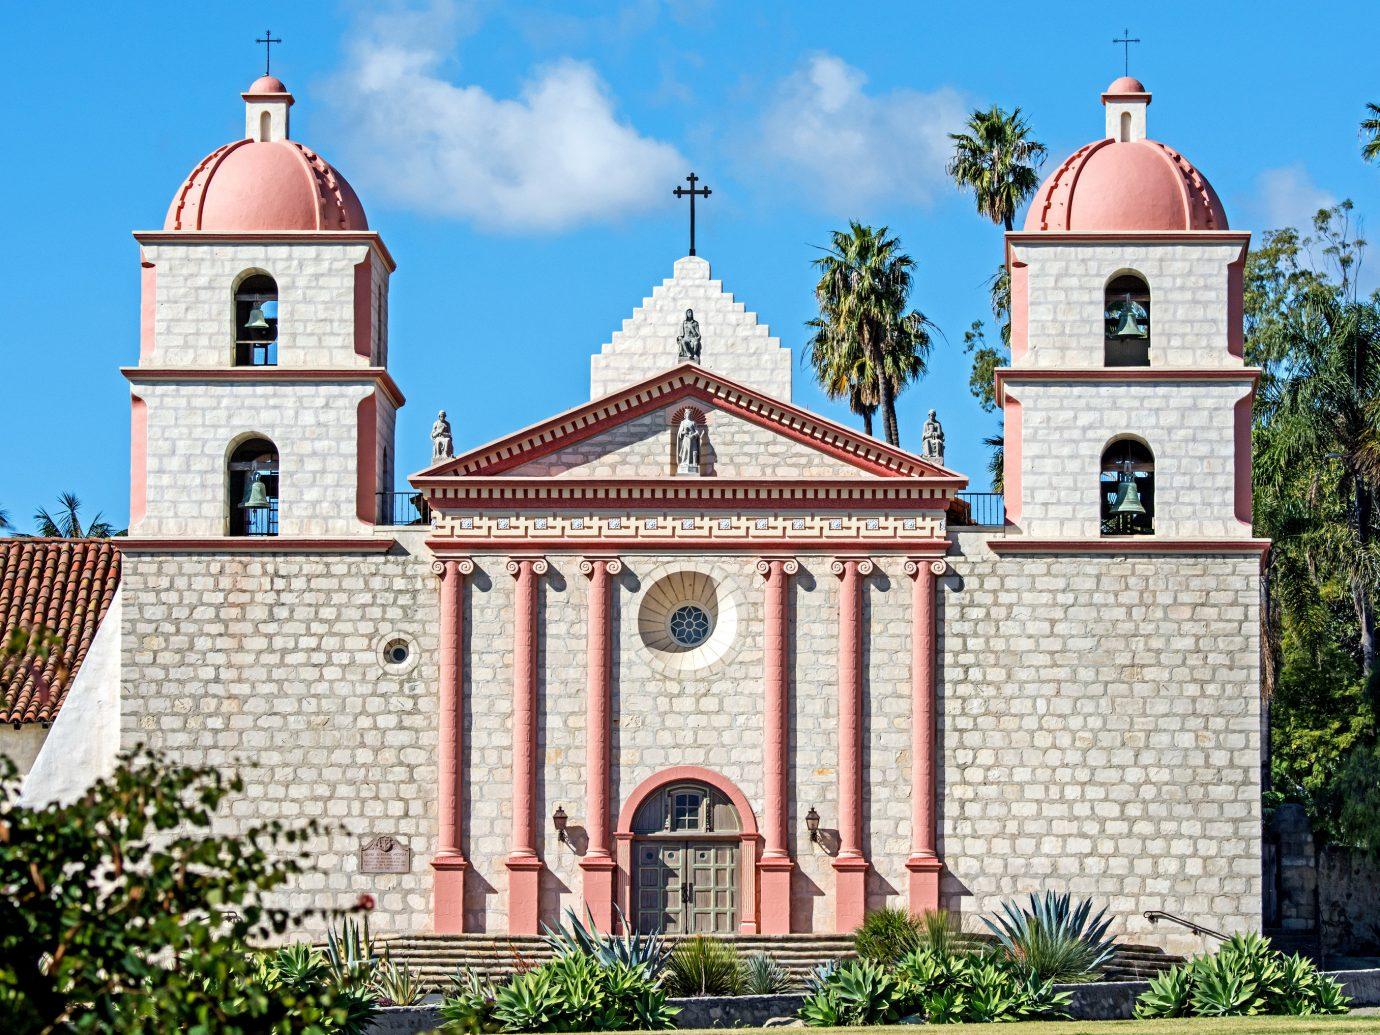 Old Mission Santa Barbara, Santa Barbara, California